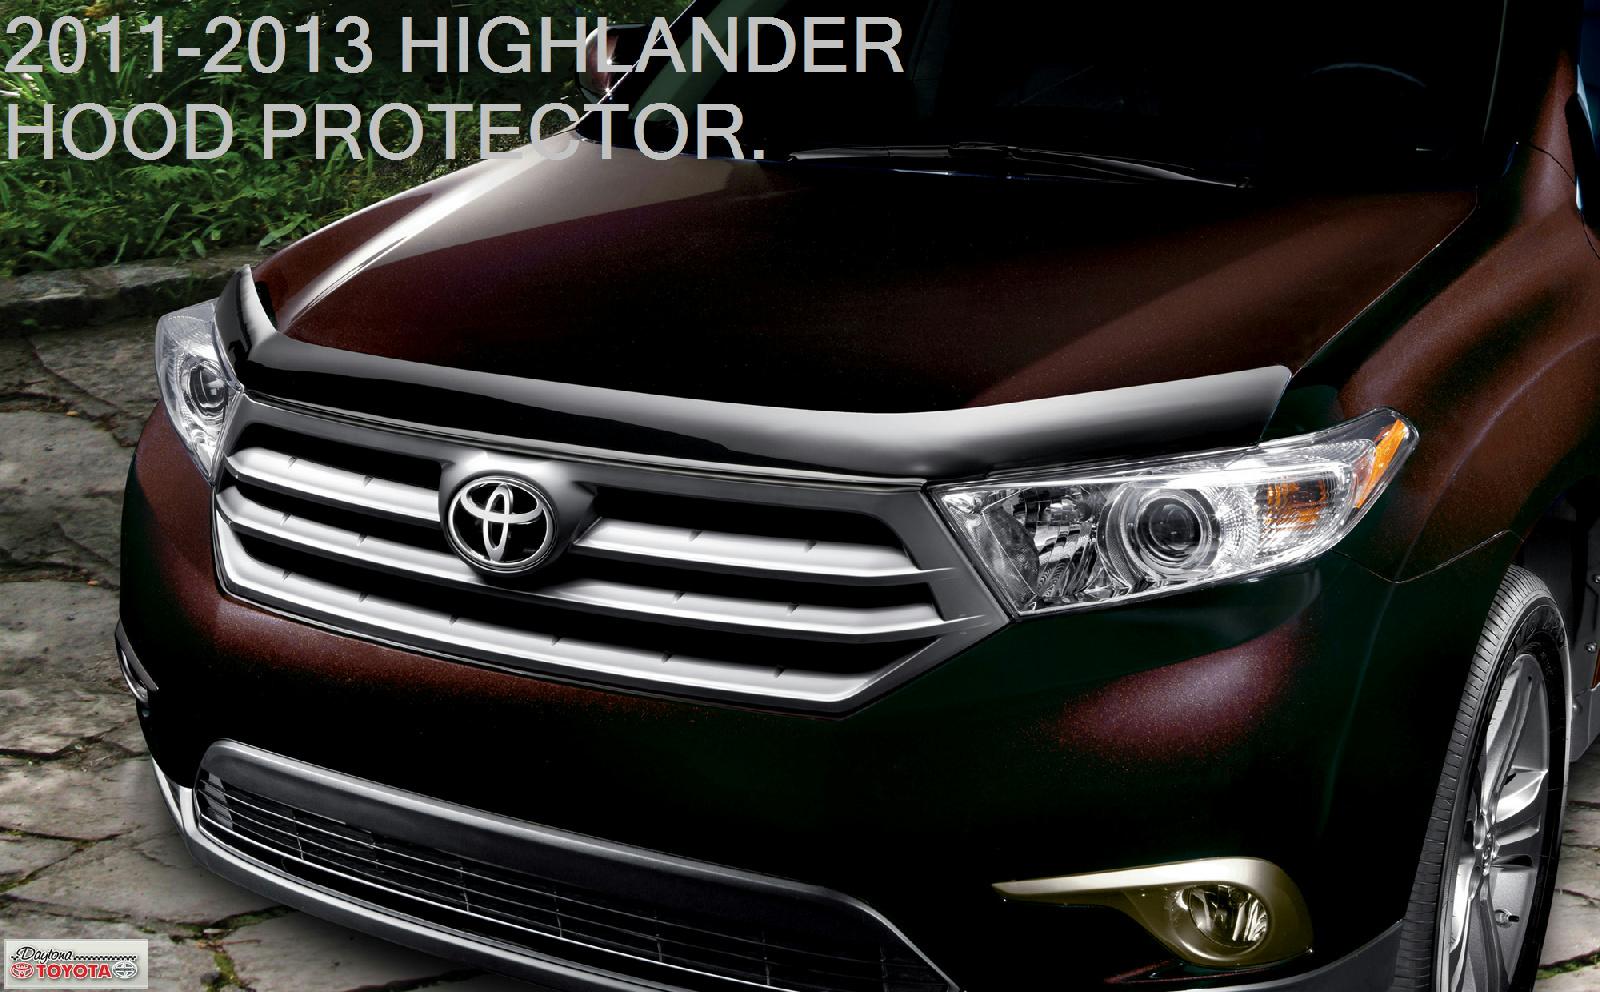 2011 Toyota Highlander For Sale >> 2011-2013 OEM TOYOTA HIGHLANDER HOOD PROTECTOR BUG SHIELD DEFLECTOR NEW